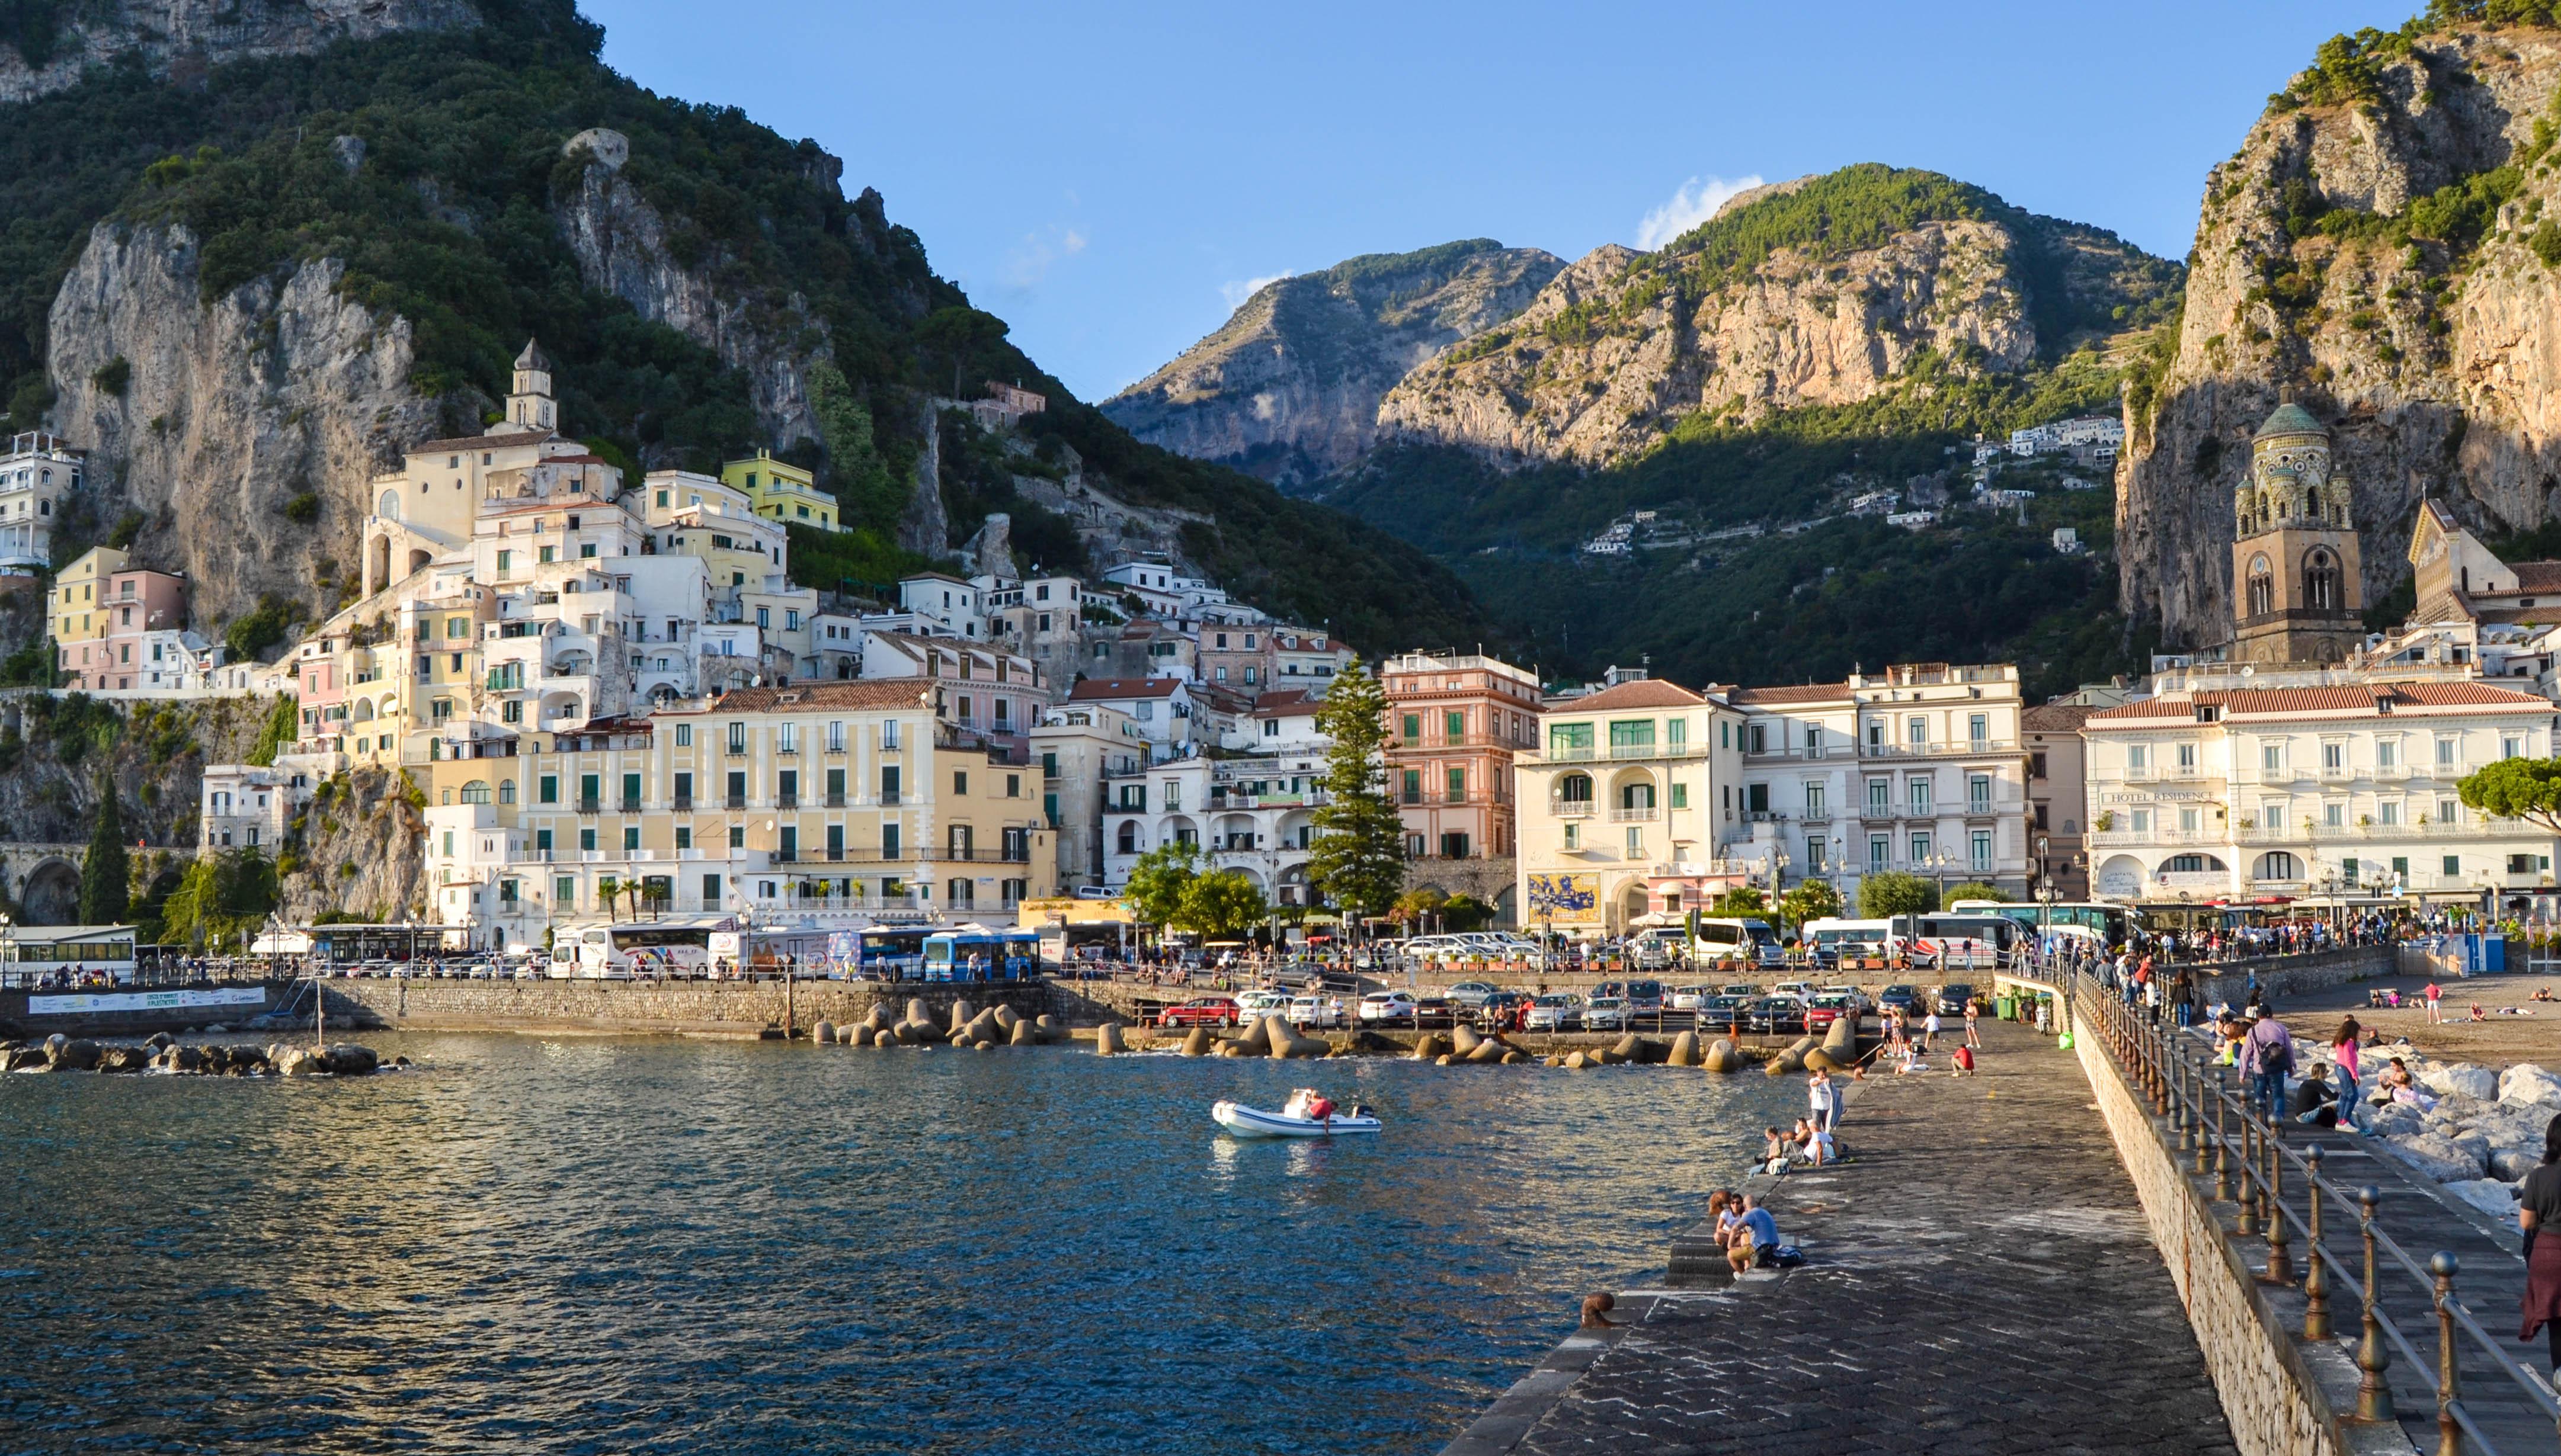 Consejos para visitar la Costa Amalfitana